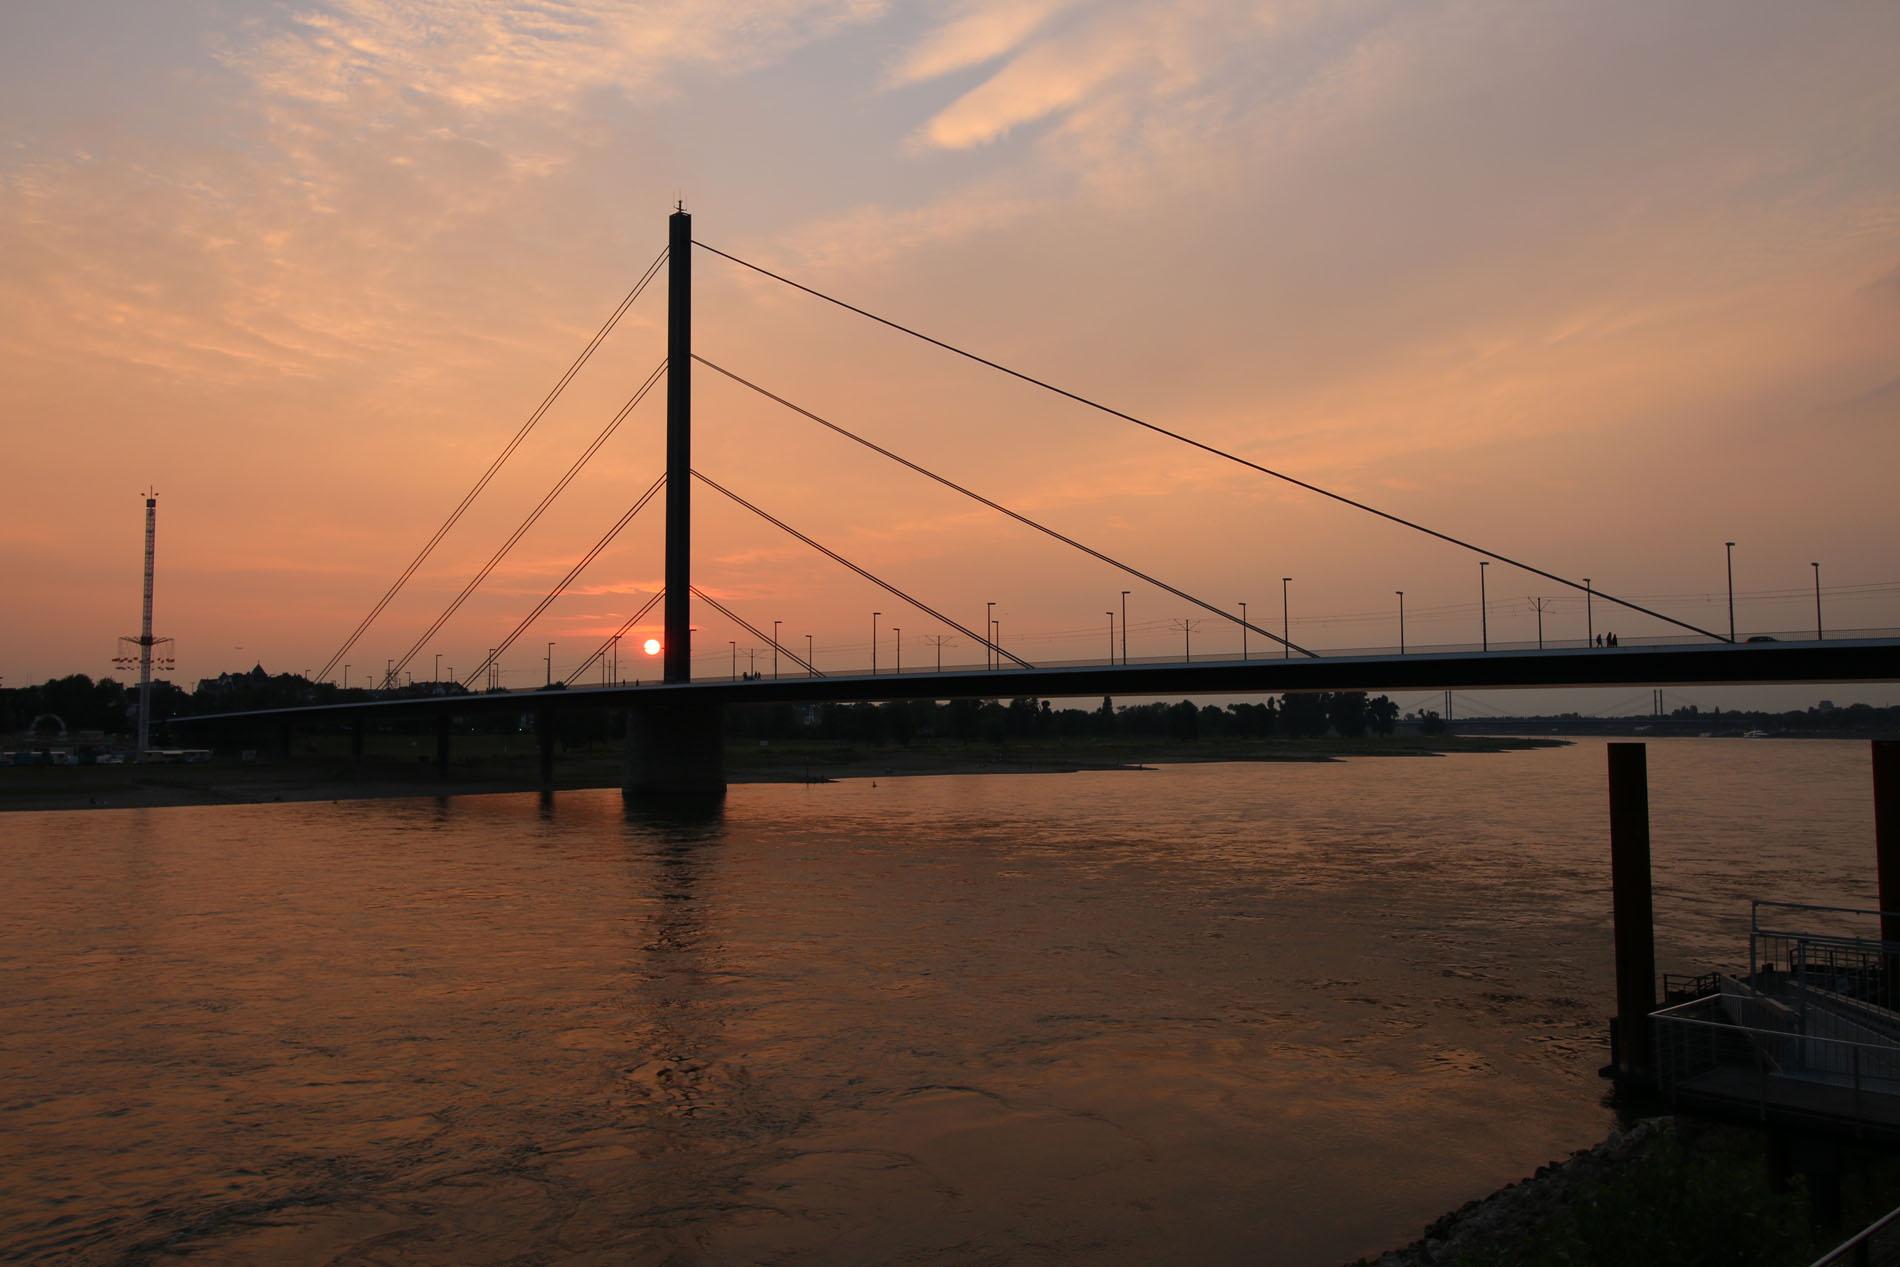 So ging auch dieser schöne Ausflug abends zu Ende, bevor die Sonne auf der Brücke schlafen ging.